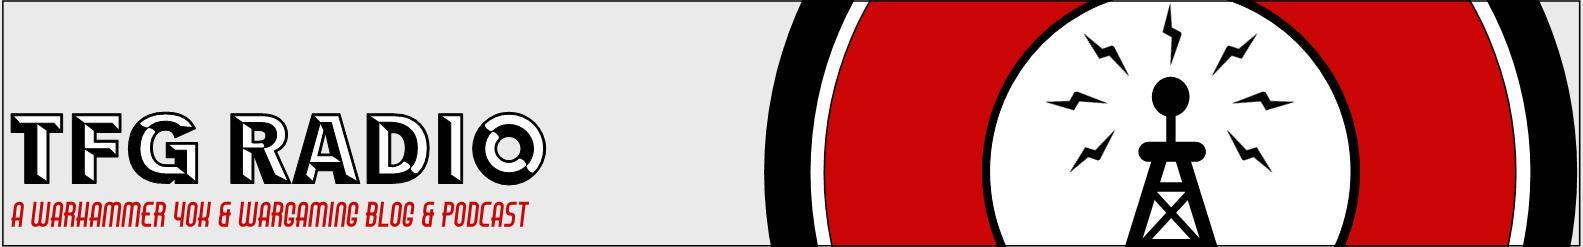 TFG Radio